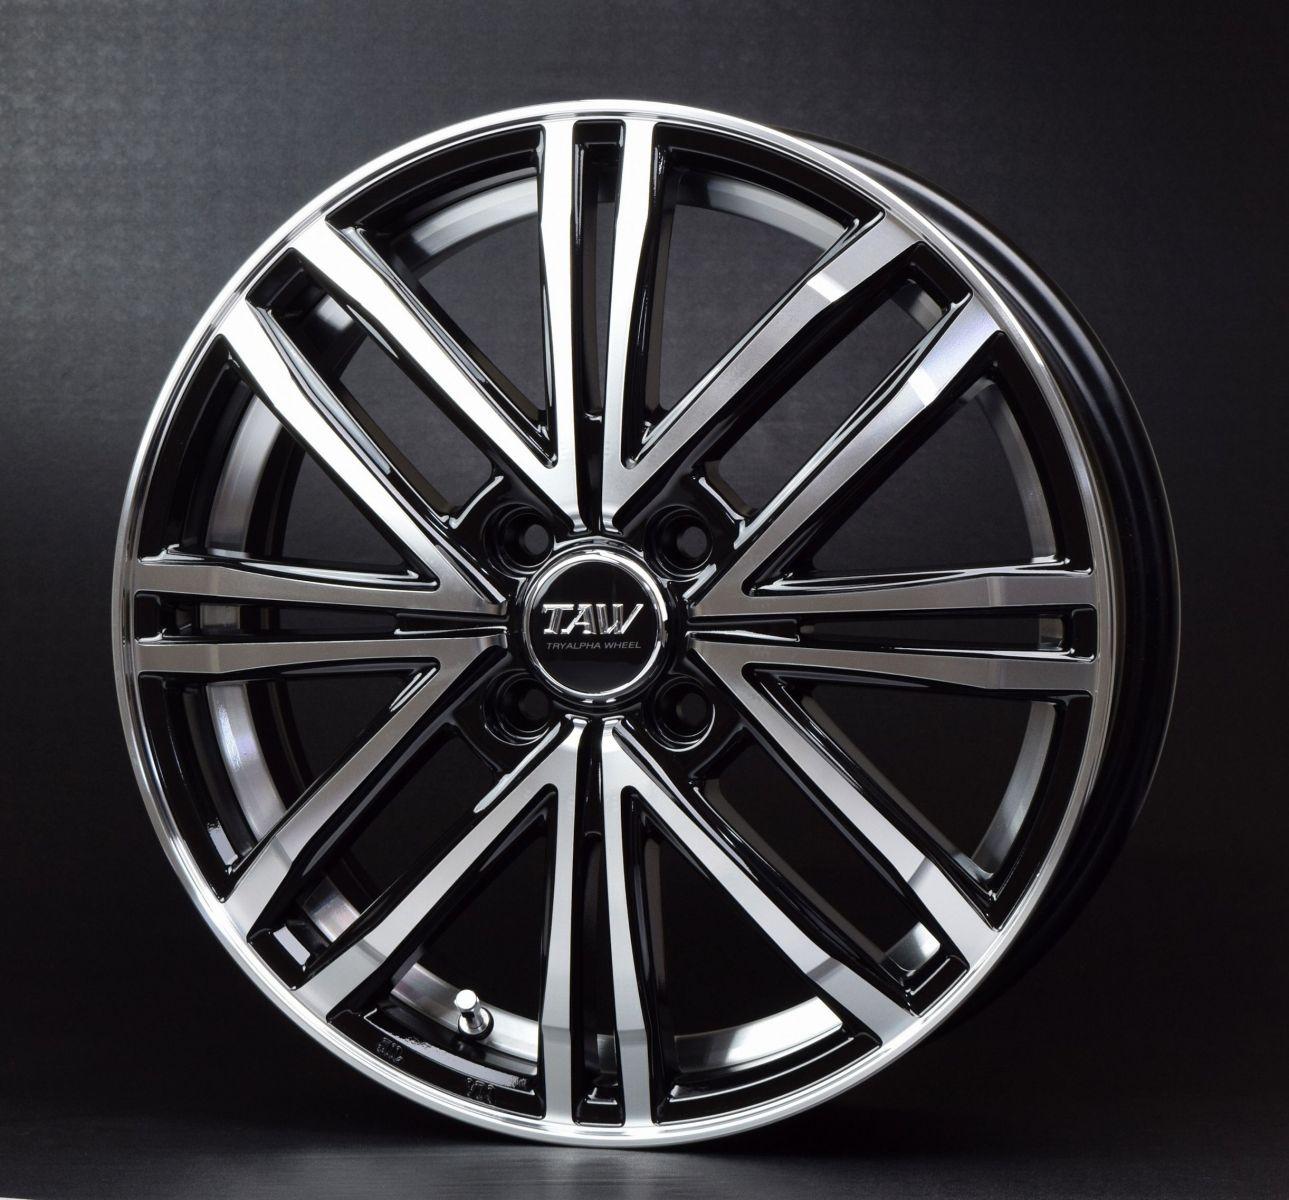 TRYALPHA トライアルファ Leowing レオウイング PS Four ピーエスフォー アルミホイール 単品1本 16インチ ブラック系 5.0J PCD100 4穴 スポーク Kカー